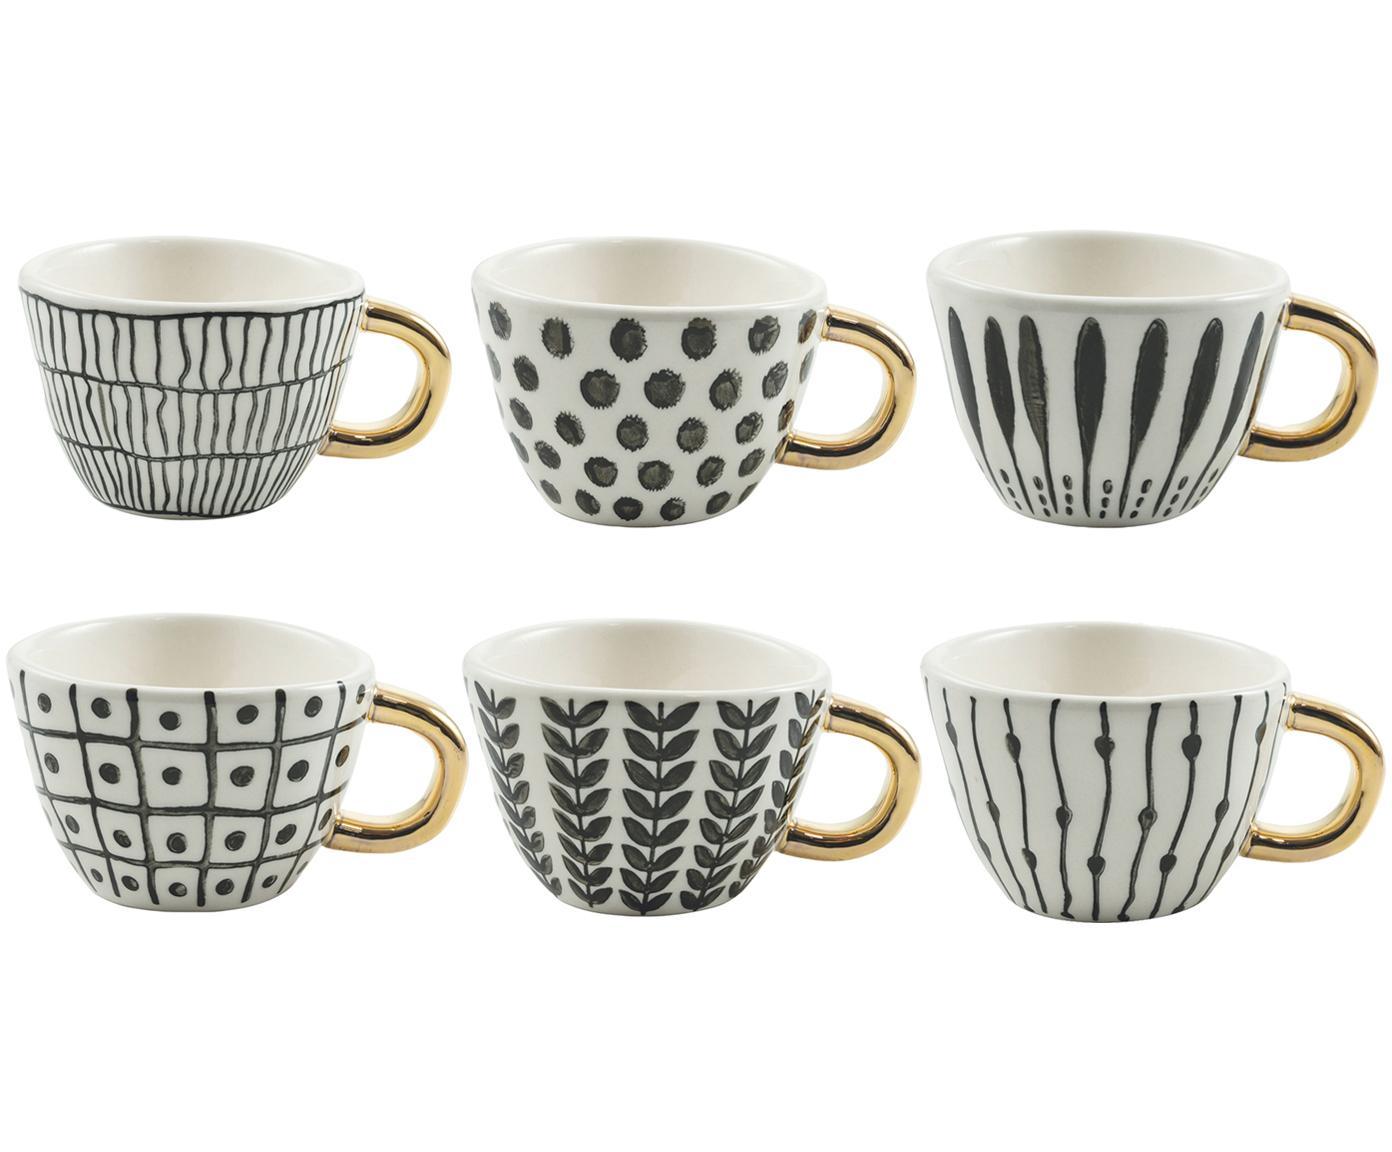 Tazas de café Masai, 6uds., Gres, Negro, blanco, dorado, Ø 7 x Al 5cm